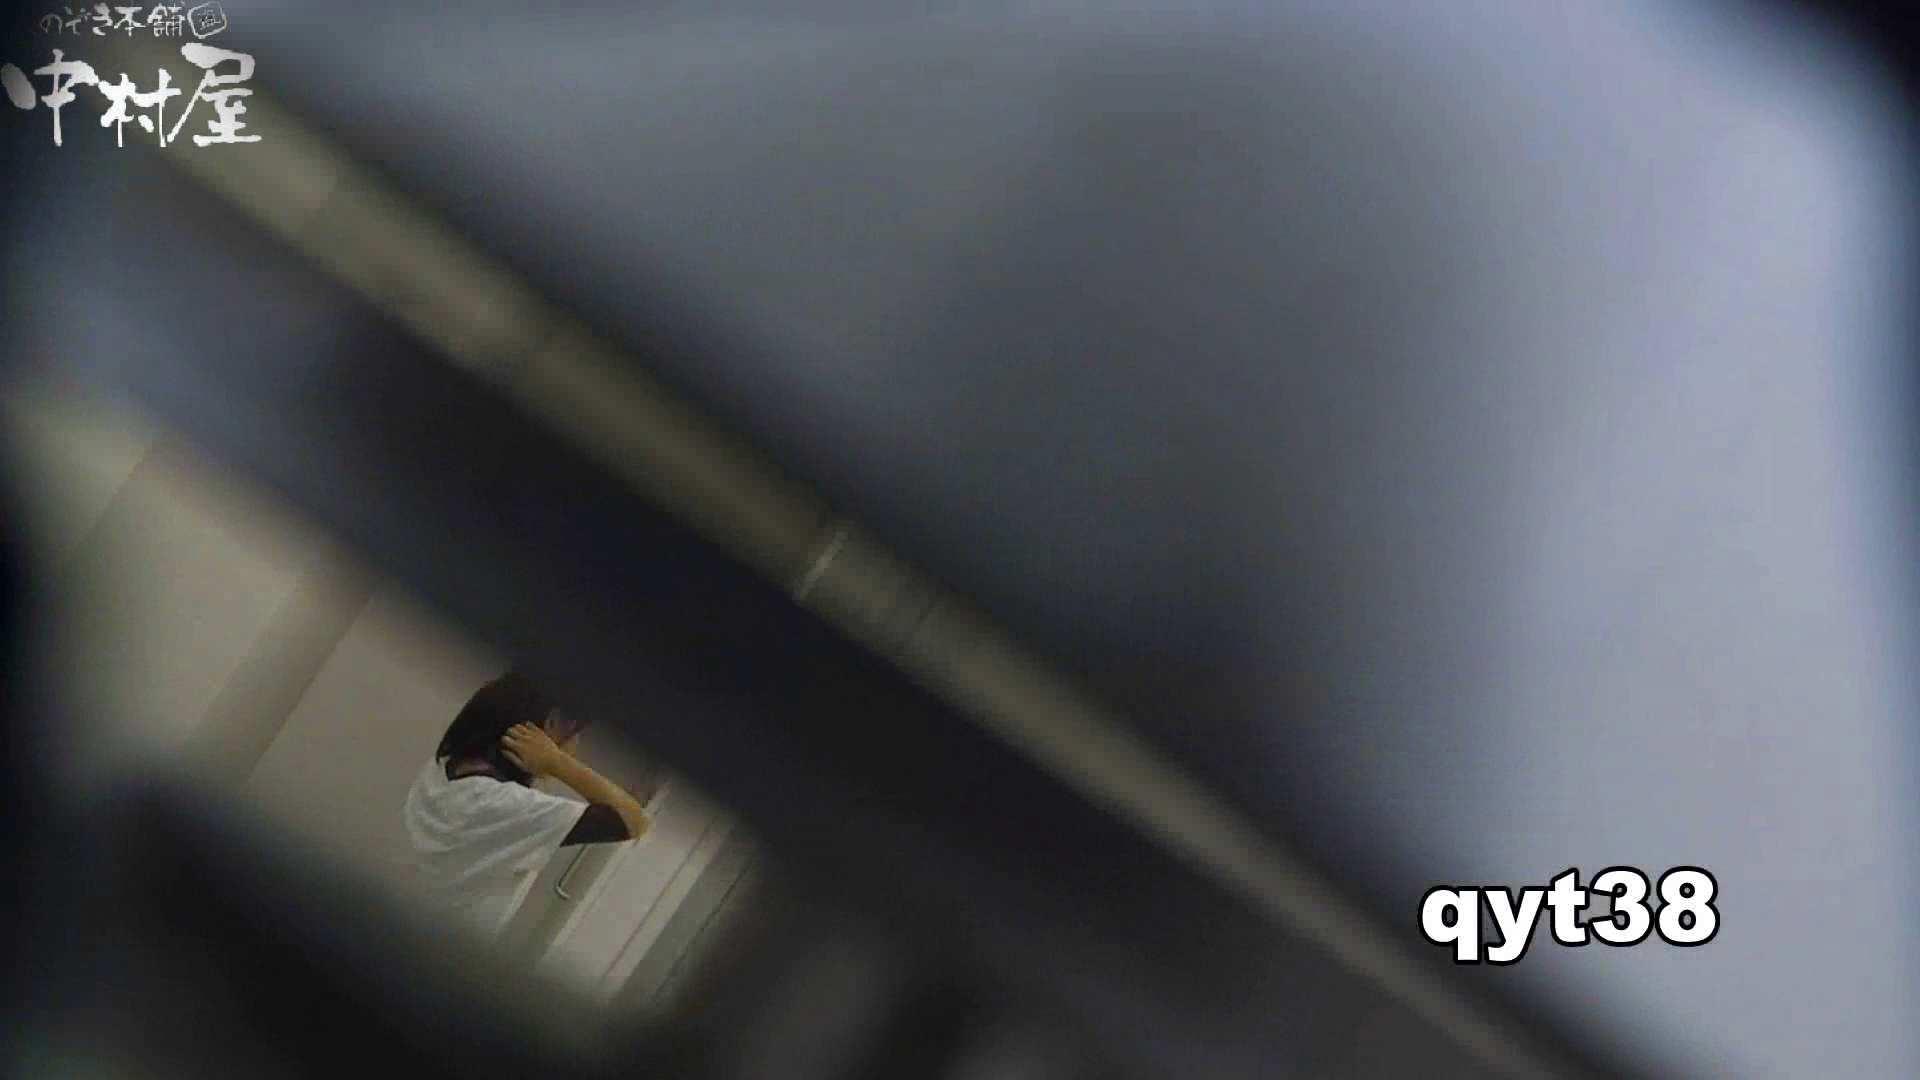 【お銀さんの「洗面所突入レポート!!」】お銀さんの「洗面所突入レポート!!」 vol.38 蛇玉的なイキオイ OLエロ画像 | 洗面所  97PICs 77